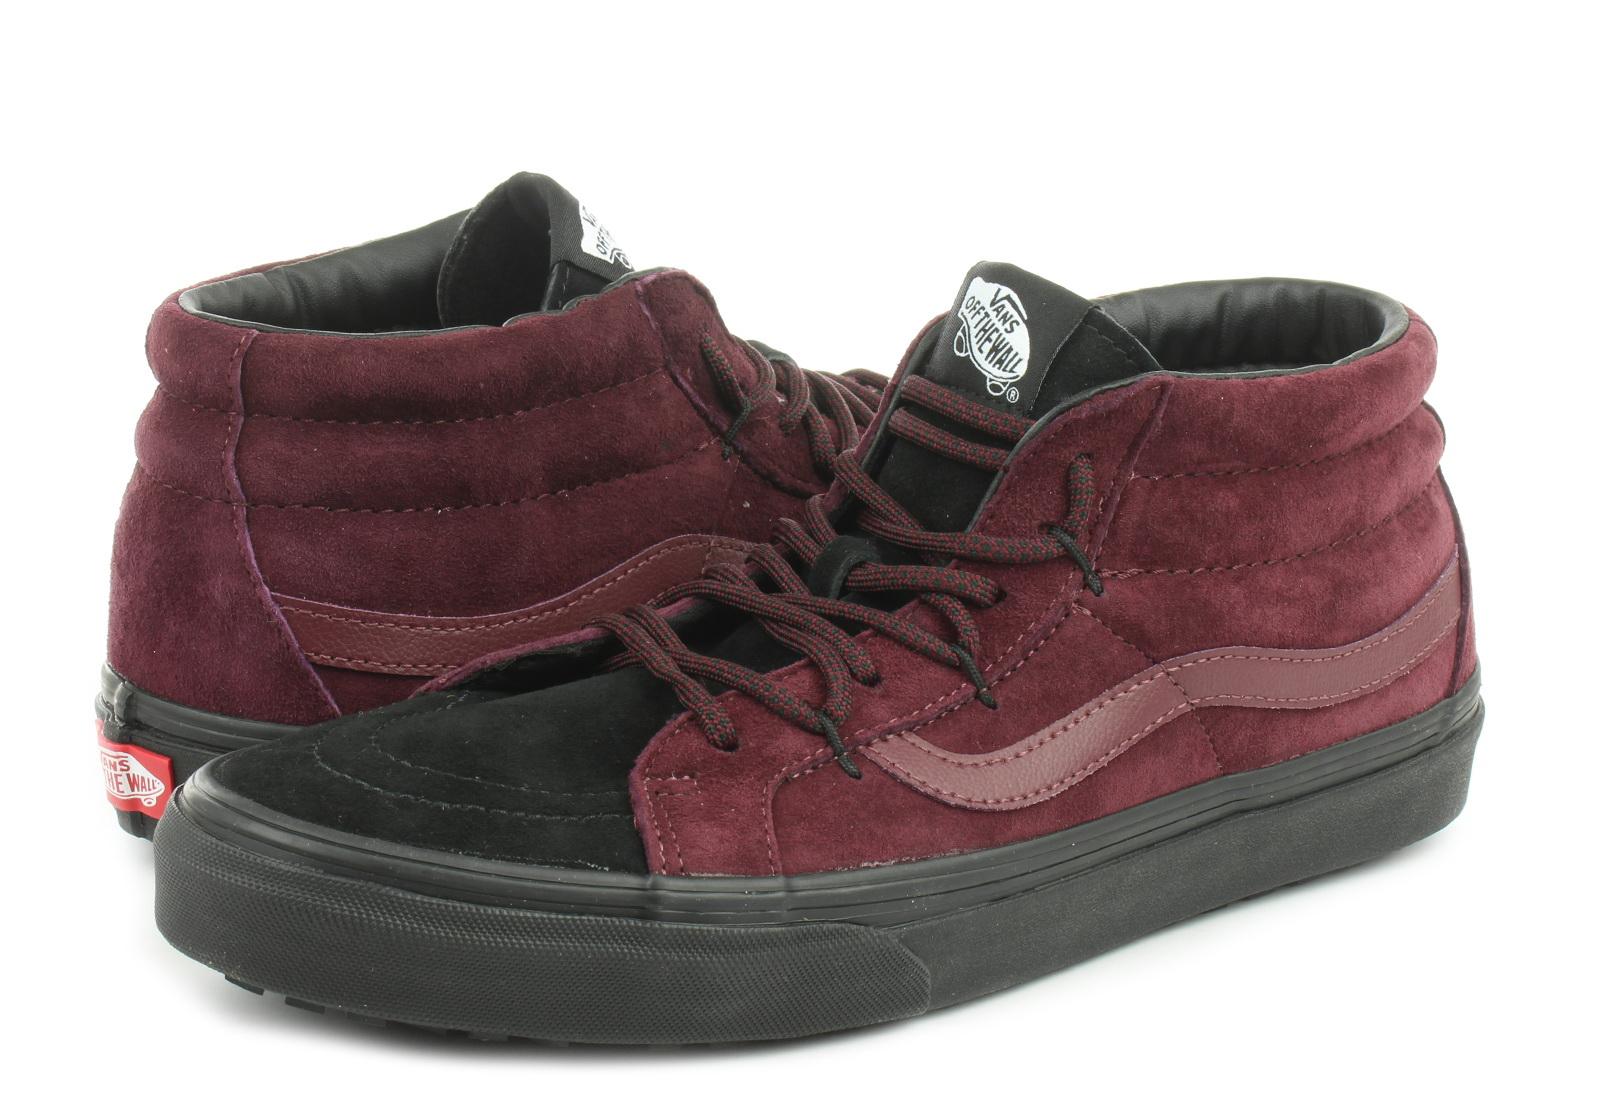 Vans Mid Lány Cipők | Olcsó Vans Cipő Rendelés